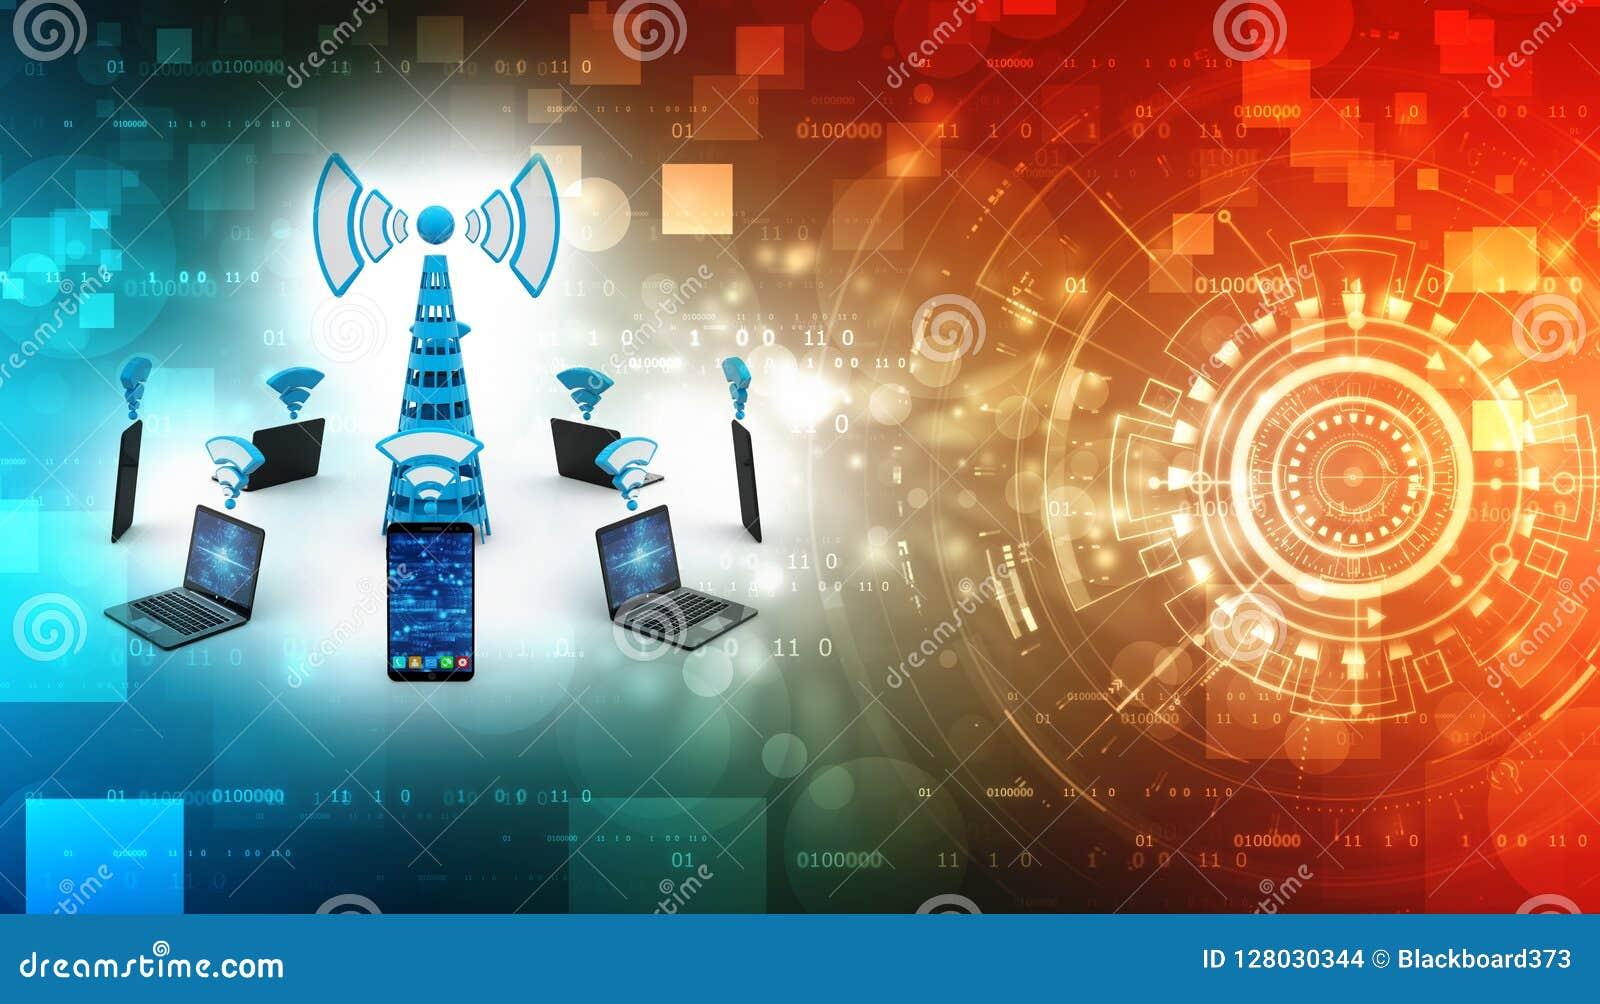 Conceito de uma comunicação do Internet, conceito sem fio do Internet 3D rendido